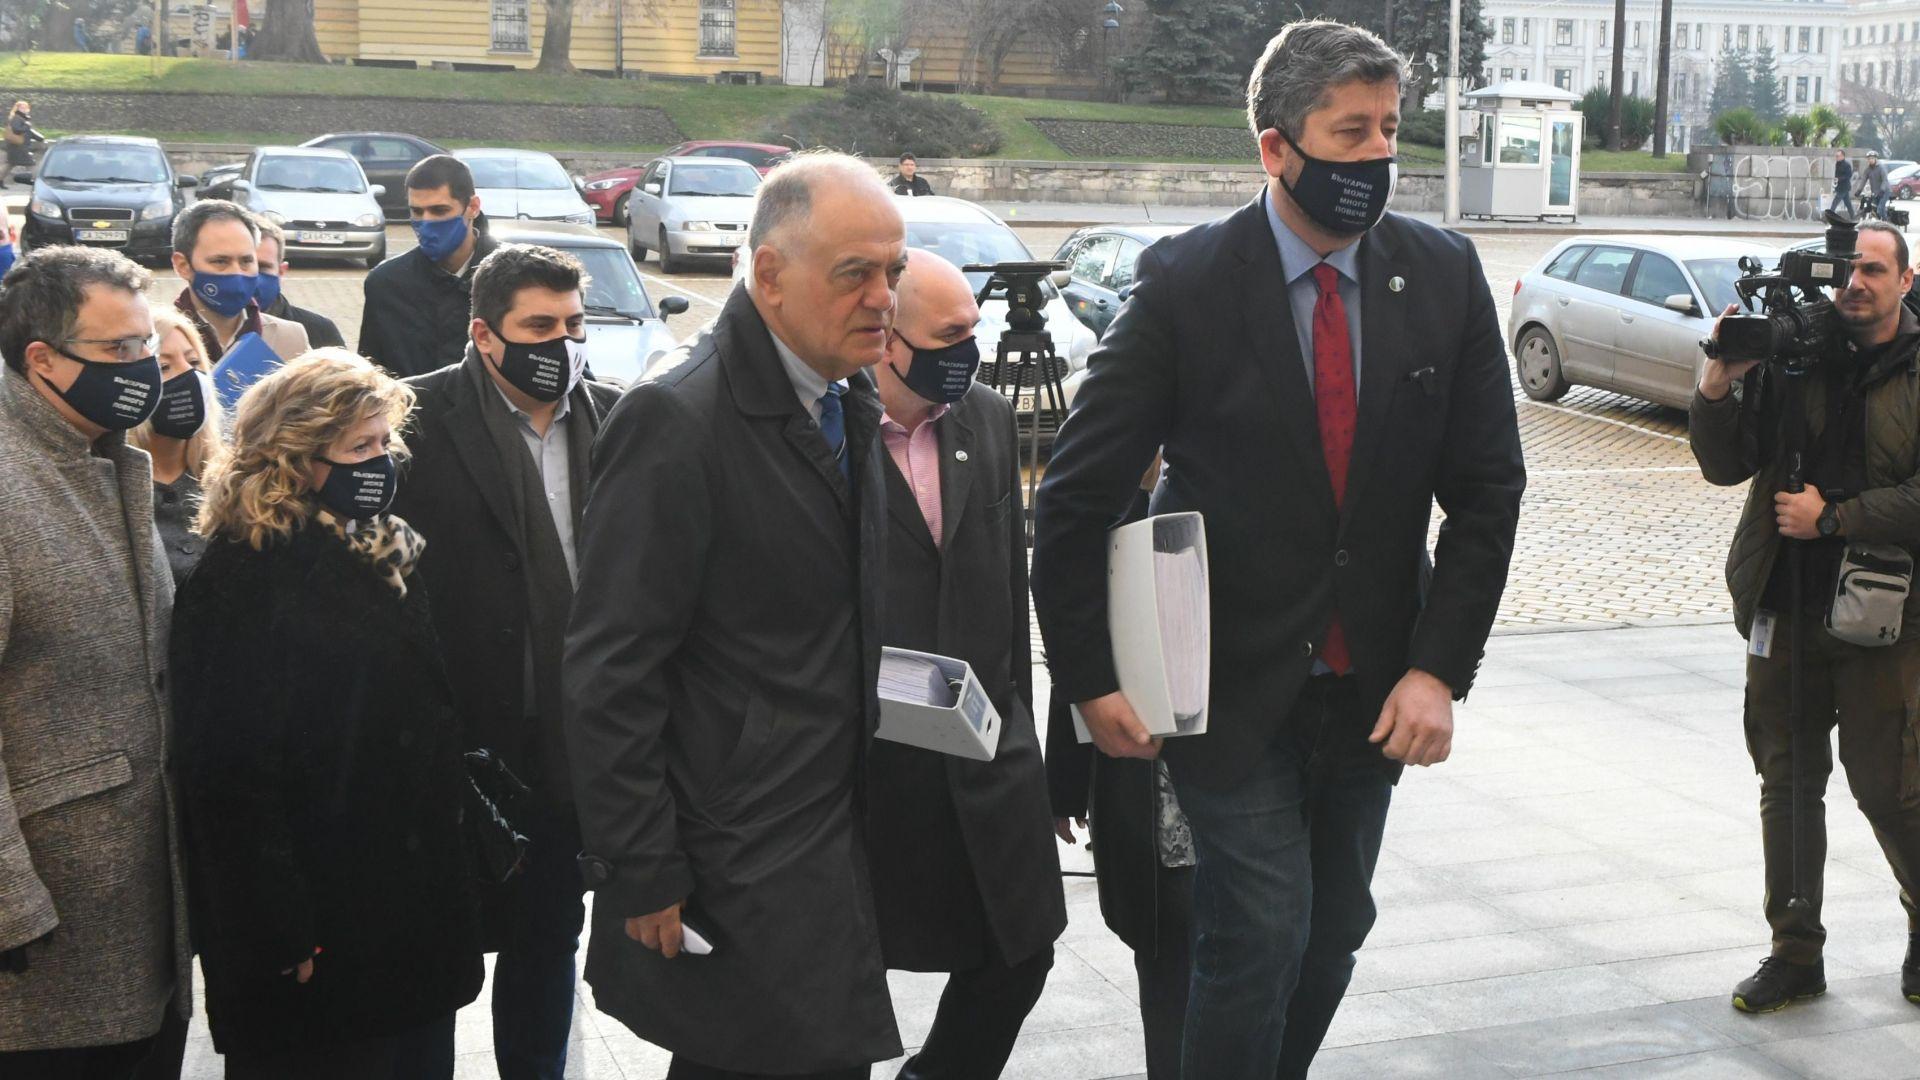 Започна регистрацията в ЦИК, ДБ изпревари Цветанов